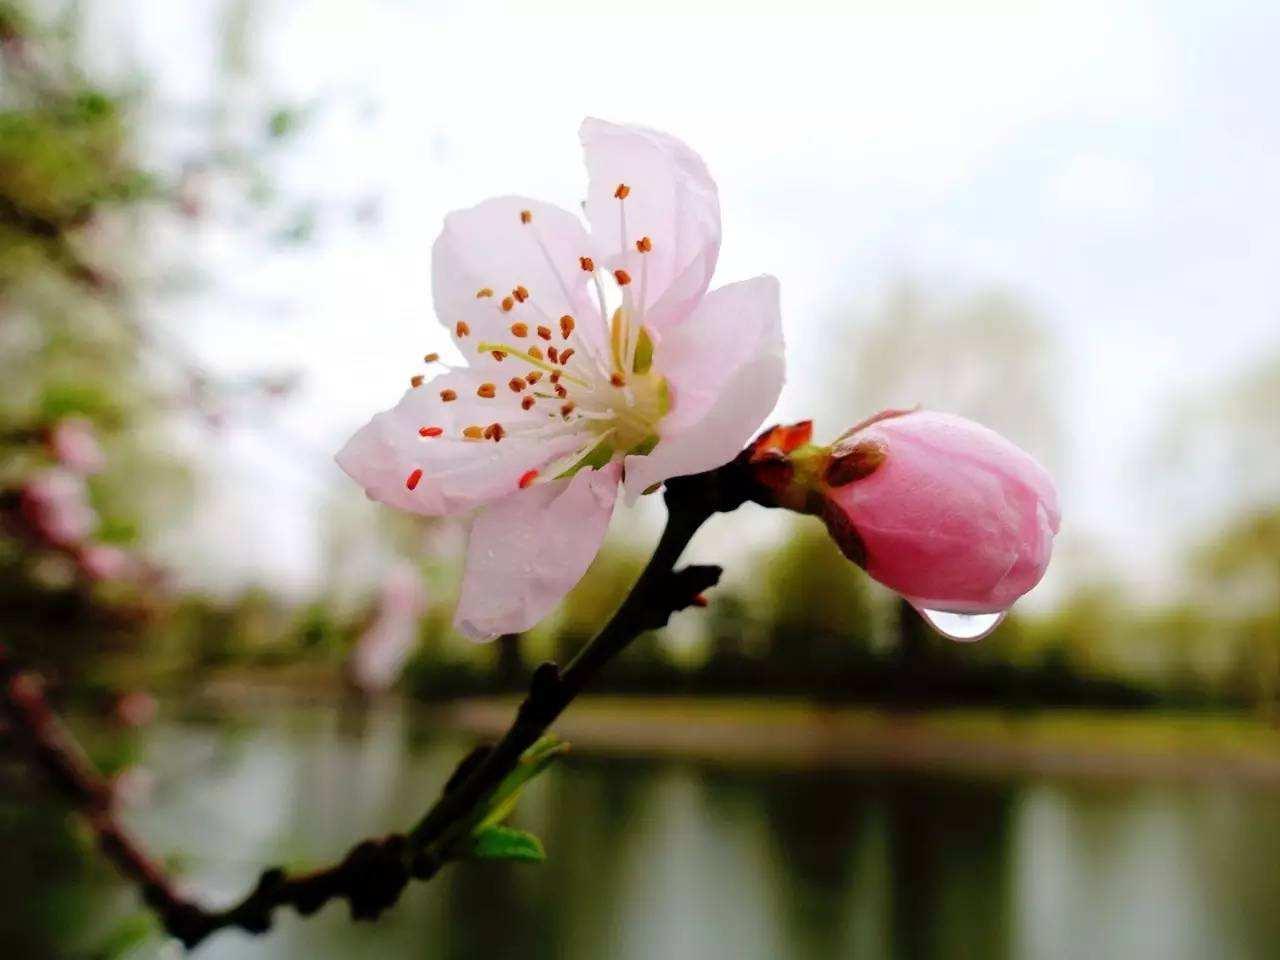 春雨面膜|《春雨缠绵,缠绵出一种离愁》